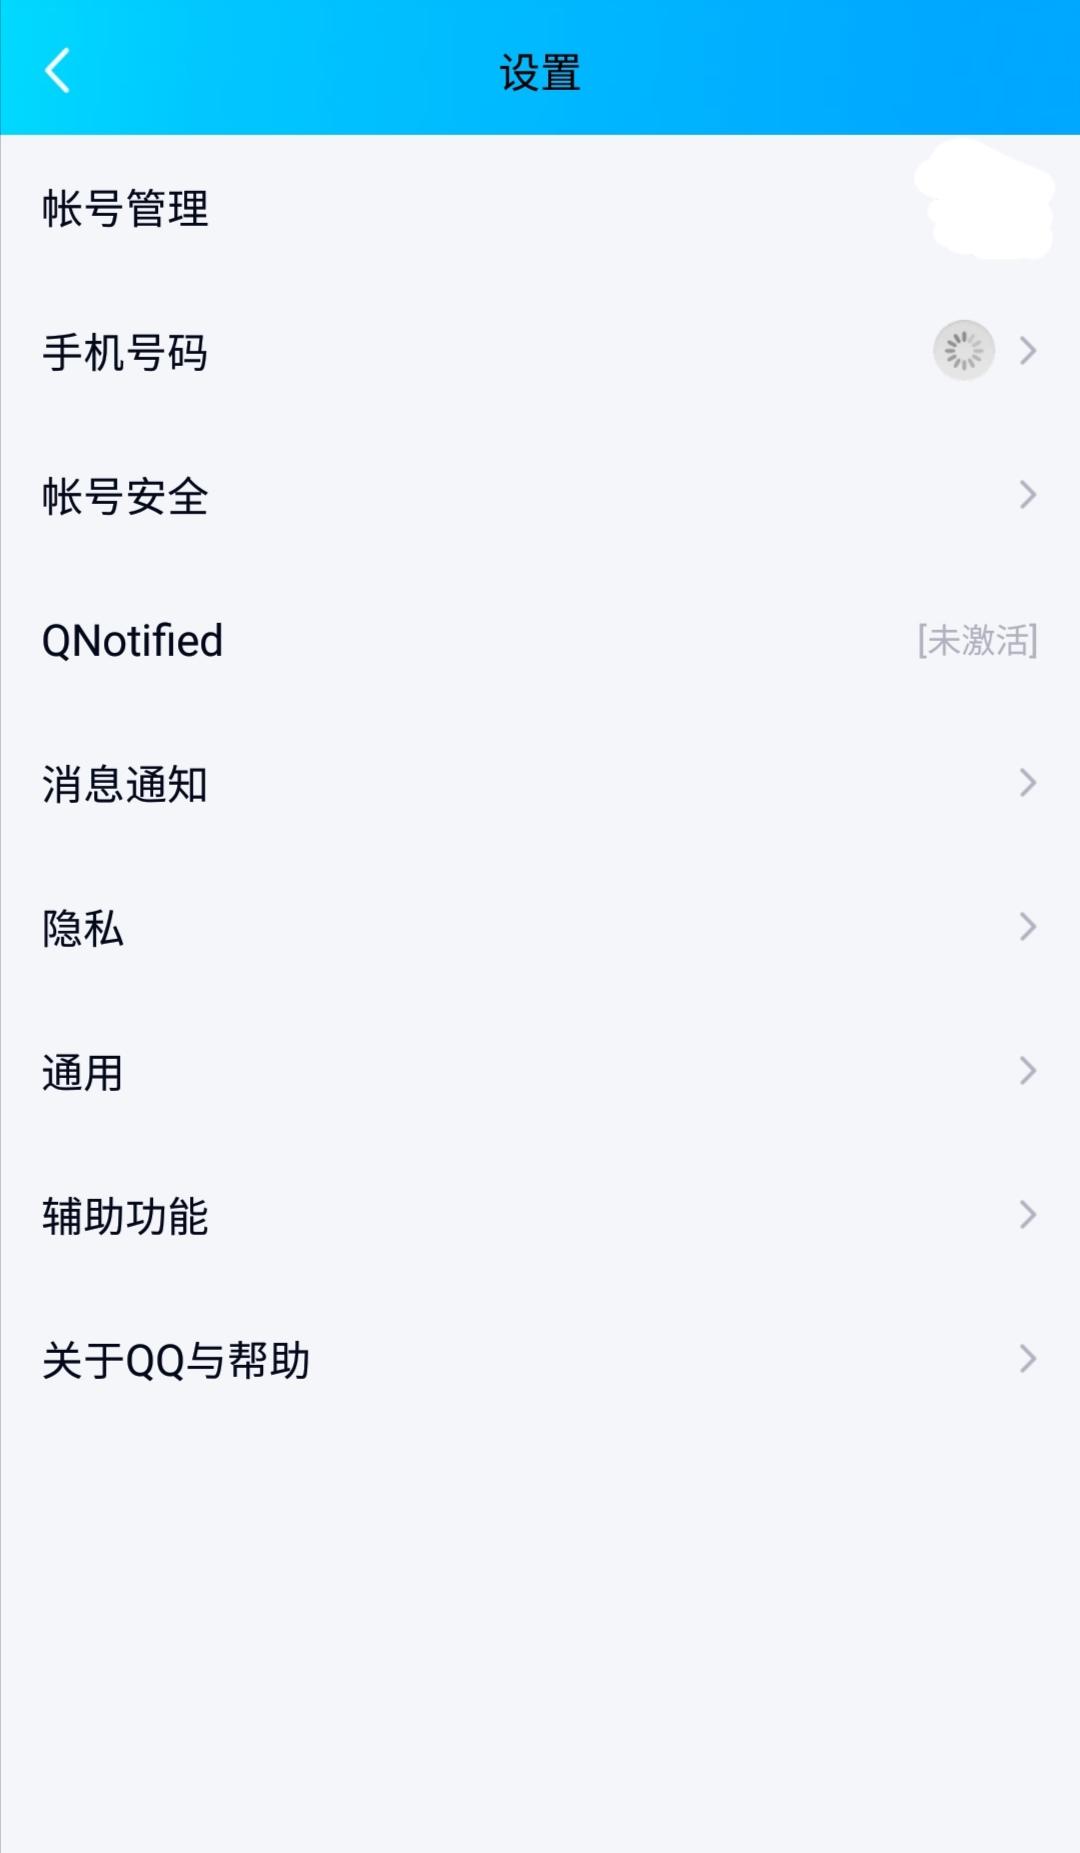 QQ8.5.5内置模块直装版,看清楚喽是8.5.5